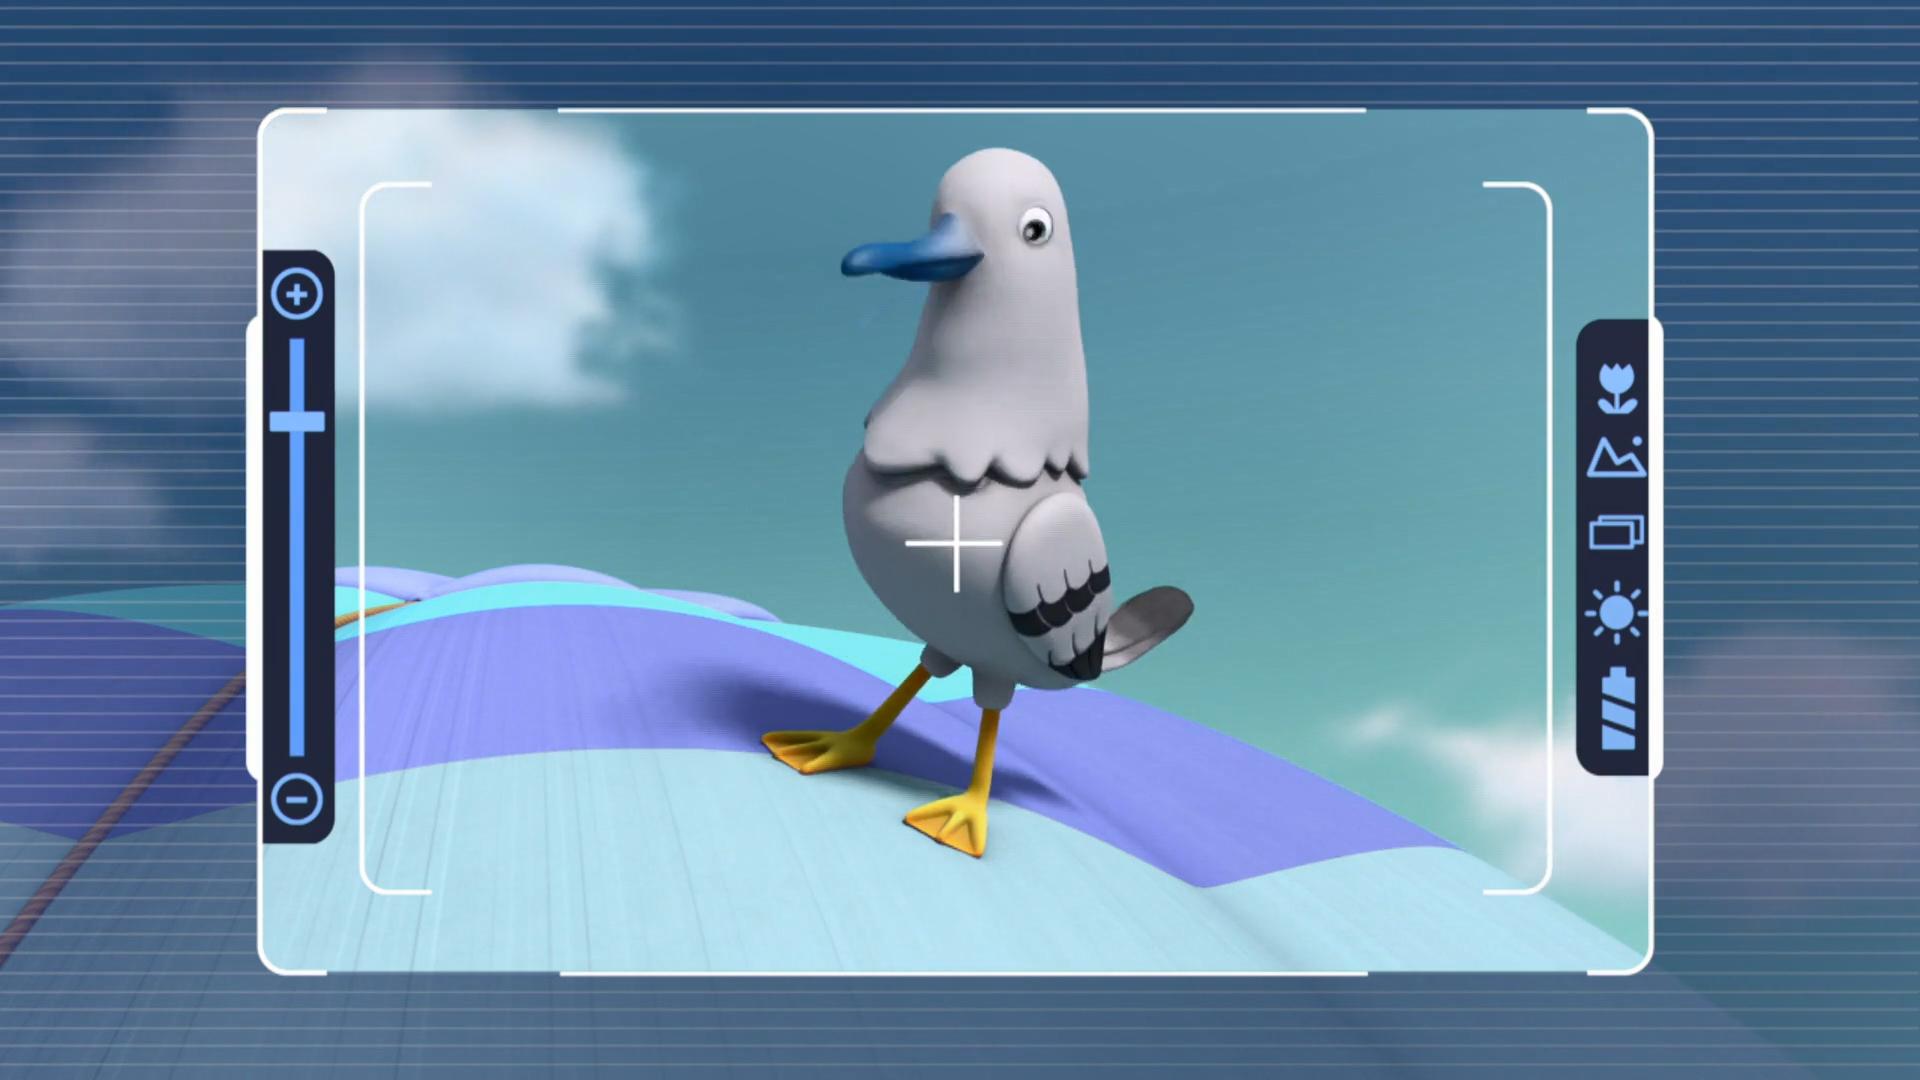 Blue-beaked albatross